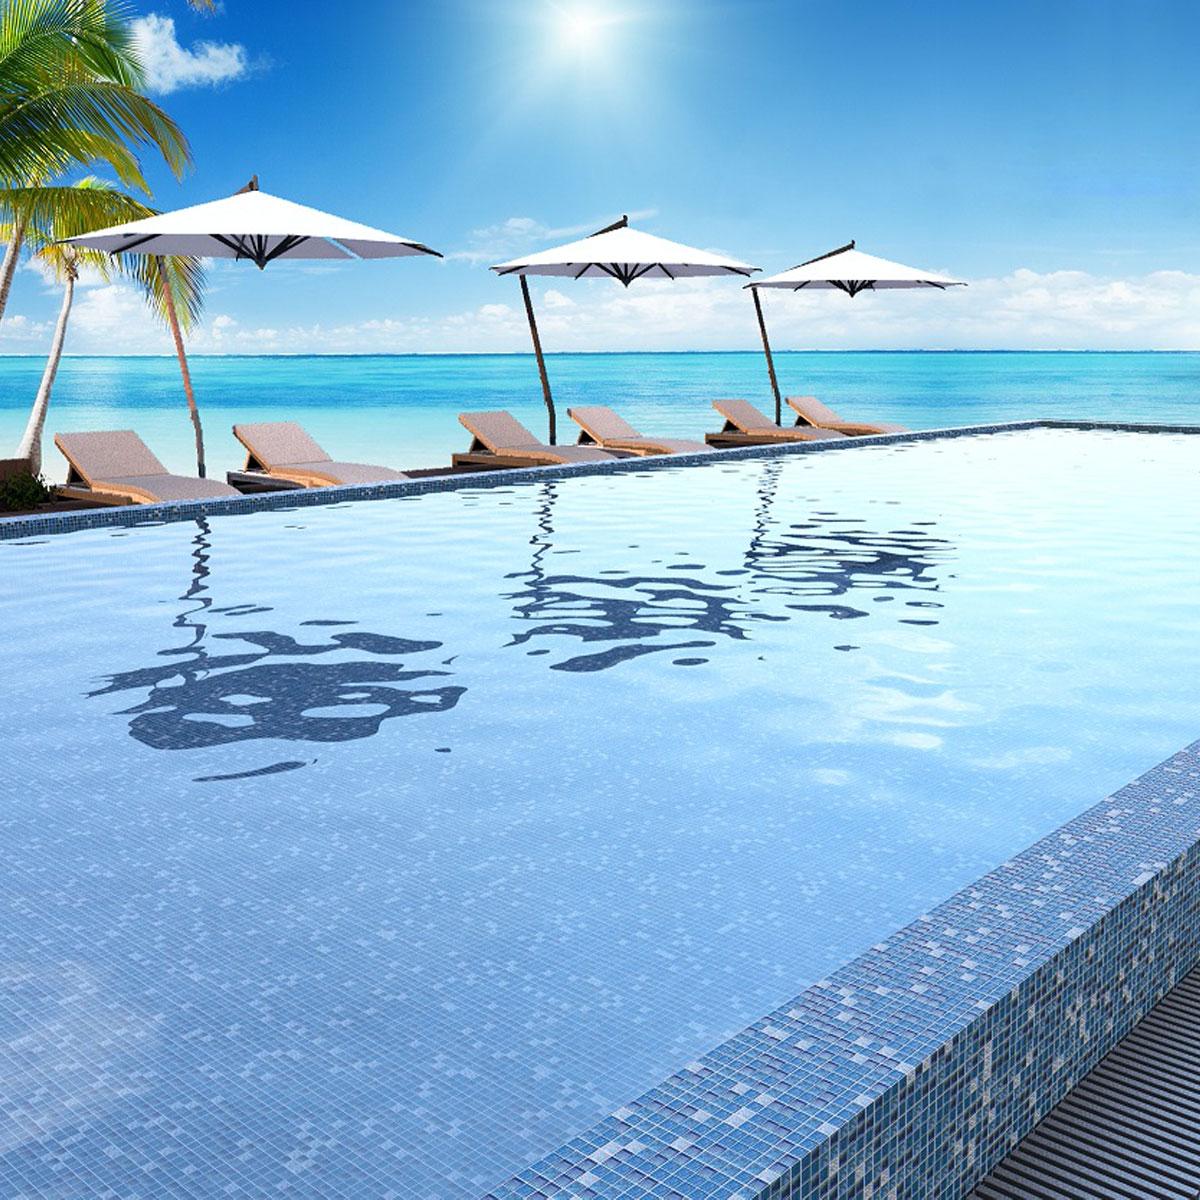 Paradise - Madagascar - Pool Mosaics - Glass Tiles - Stone3 Brisbane